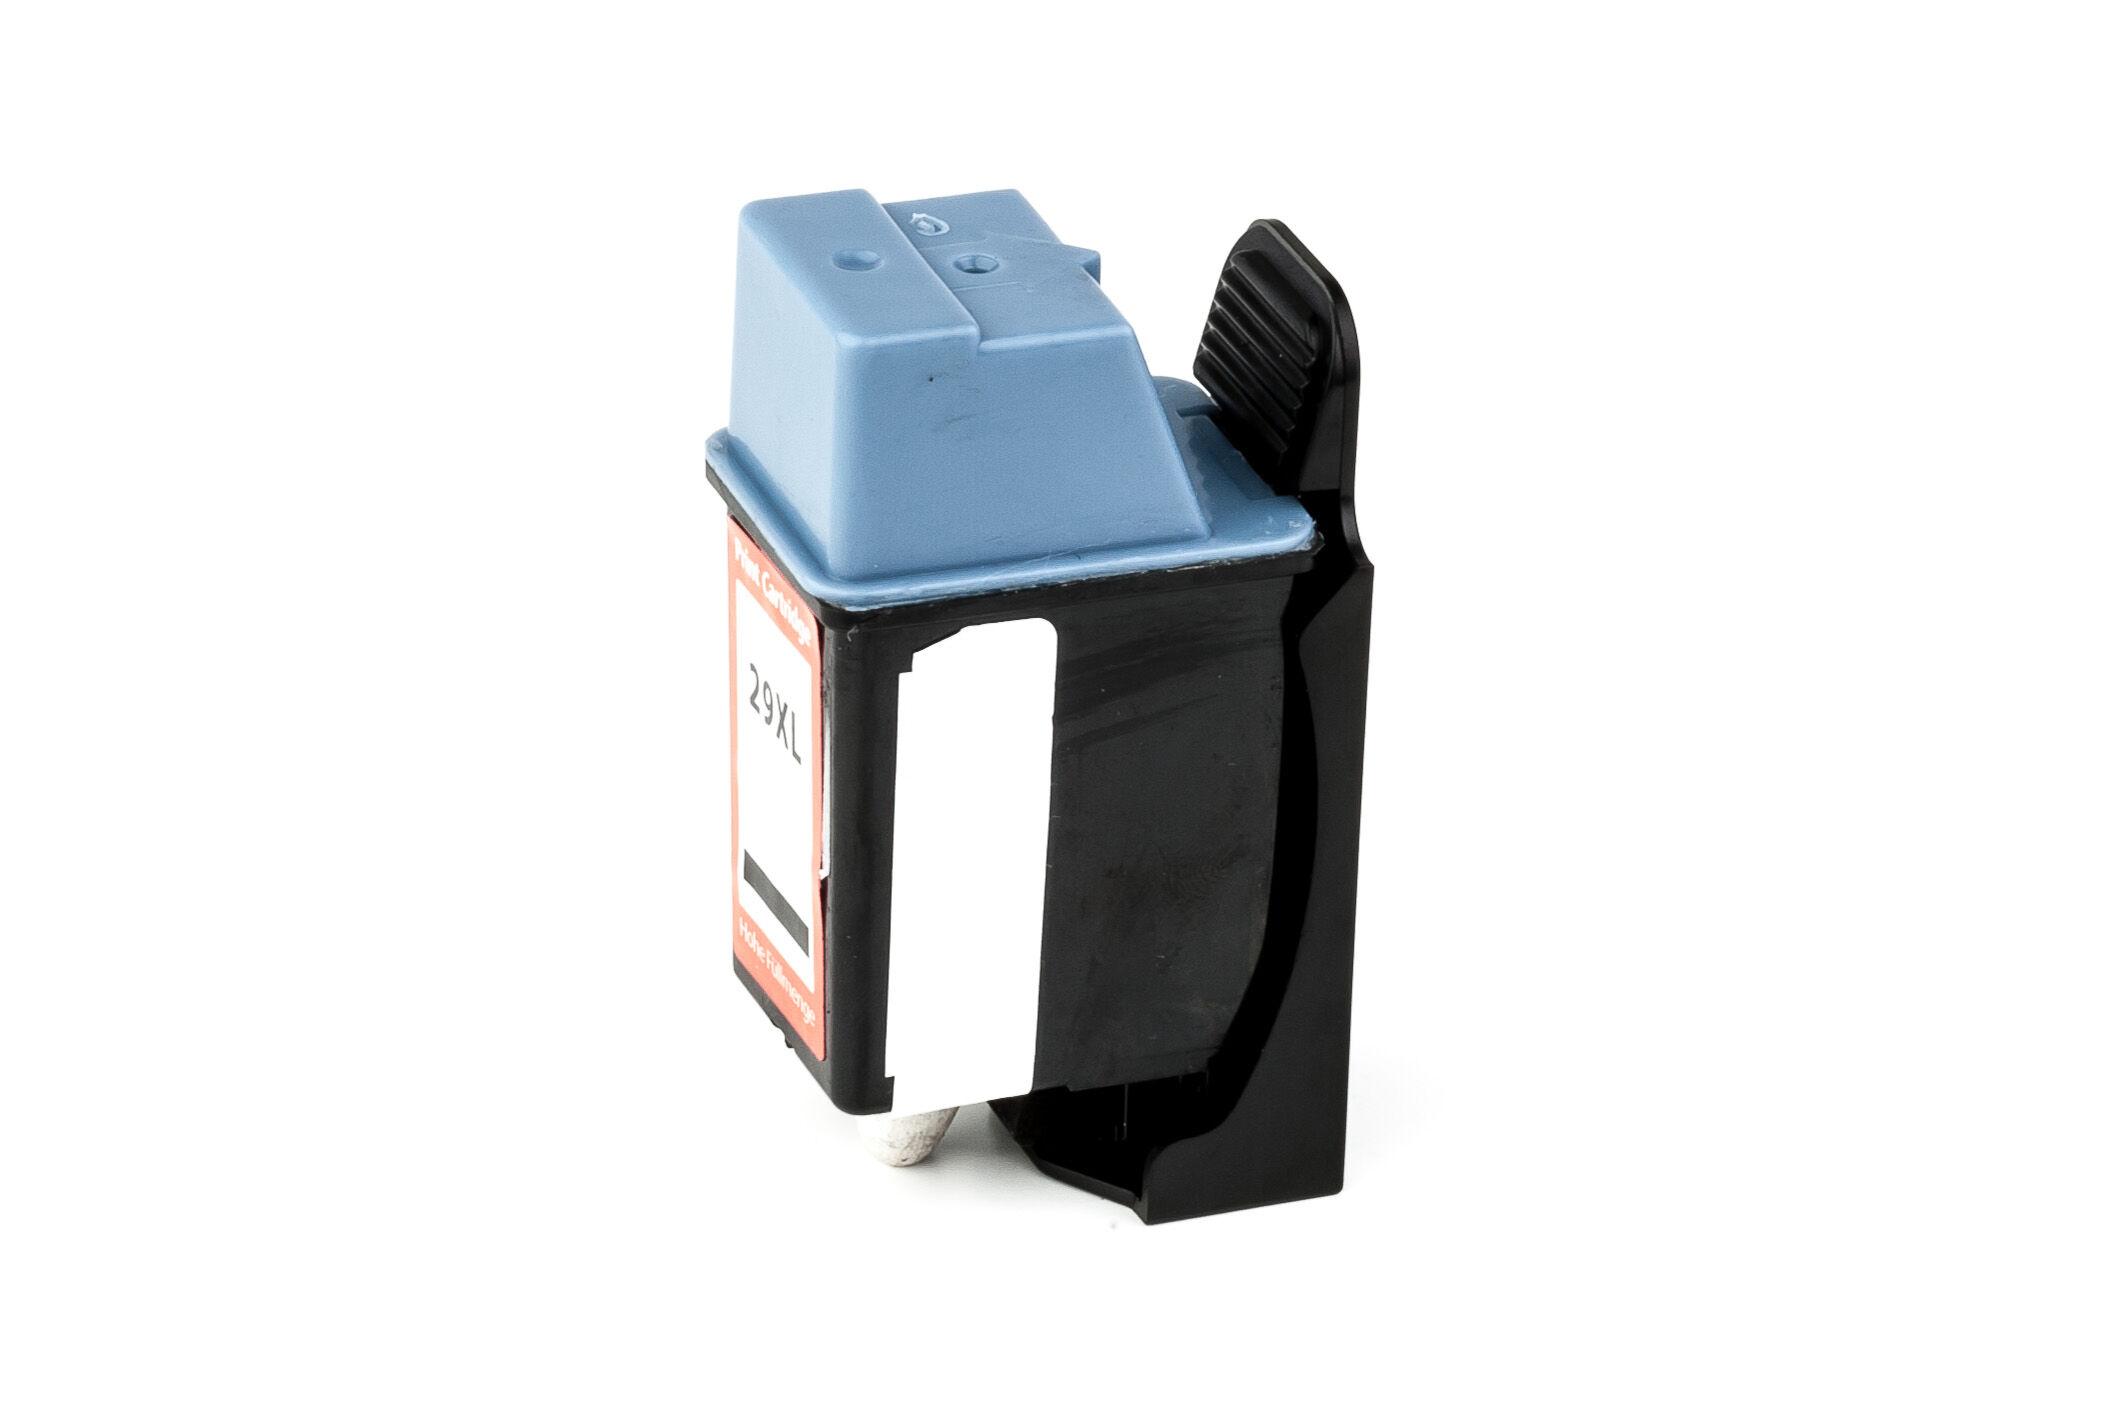 HP Cartouche d'encre pour HP 51629AE / 29 noir compatible (de marque ASC)